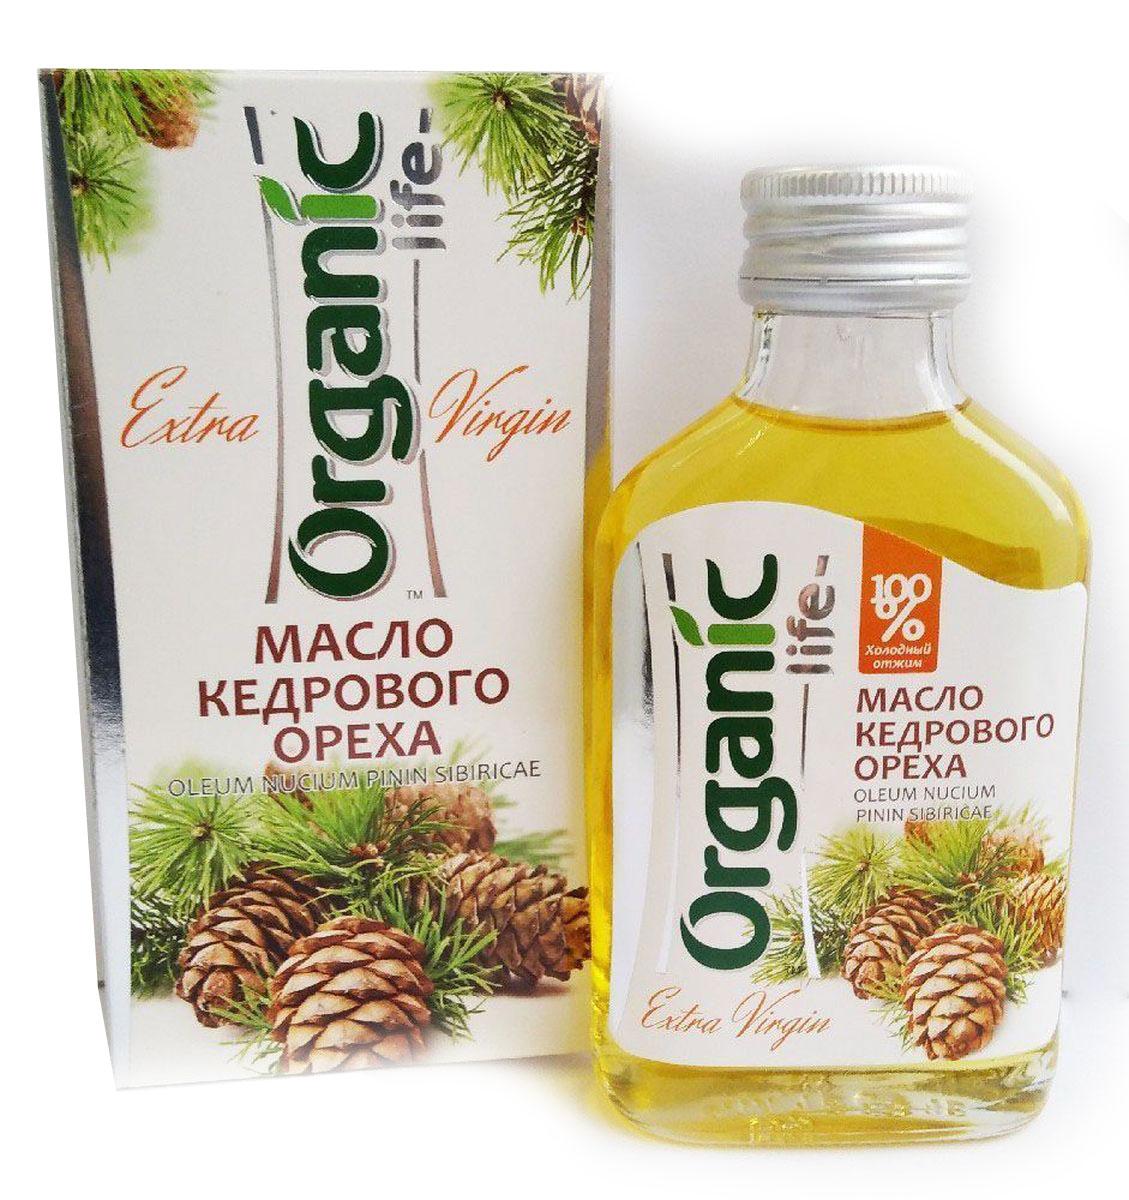 Organic Life масло кедрового ореха, 100 мл212023Масло кедровое (из ядер сибирского кедрового ореха) - настоящая природная кладовая необходимых человеку веществ. В его составе гармонично сочетаются витамины (Е, А, группа В, РР, D), аминокислоты, микроэлементы, фосфолипиды. Особую ценность представляет комплекс полиненасыщенных жирных кислот Омега-6 и Омега-3 (витамин Р), которые не синтезируются в организме, поэтому должны поступать с пищей. Они положительно воздействуют на структуры стенок сосудов и активно участвуют в синтезе различных гормонов, сохраняя молодость, здоровье и красоту. Кедровое масло содержит редко встречающуюся в природе гамма-линоленовую кислоту. Она обладает противовоспалительным действием, предупреждает образование тромбов, снижает уровень плохого холестерина в крови, контролирует возникновение жировых клеток, ускоряет расщепление жиров, помогает избавиться от лишнего веса. Кедровое масло обладает тонким ореховым вкусом и ароматом, может улучшить вкус любого блюда. Способ применения: по 1 ч.л. 2-3 раза в день.